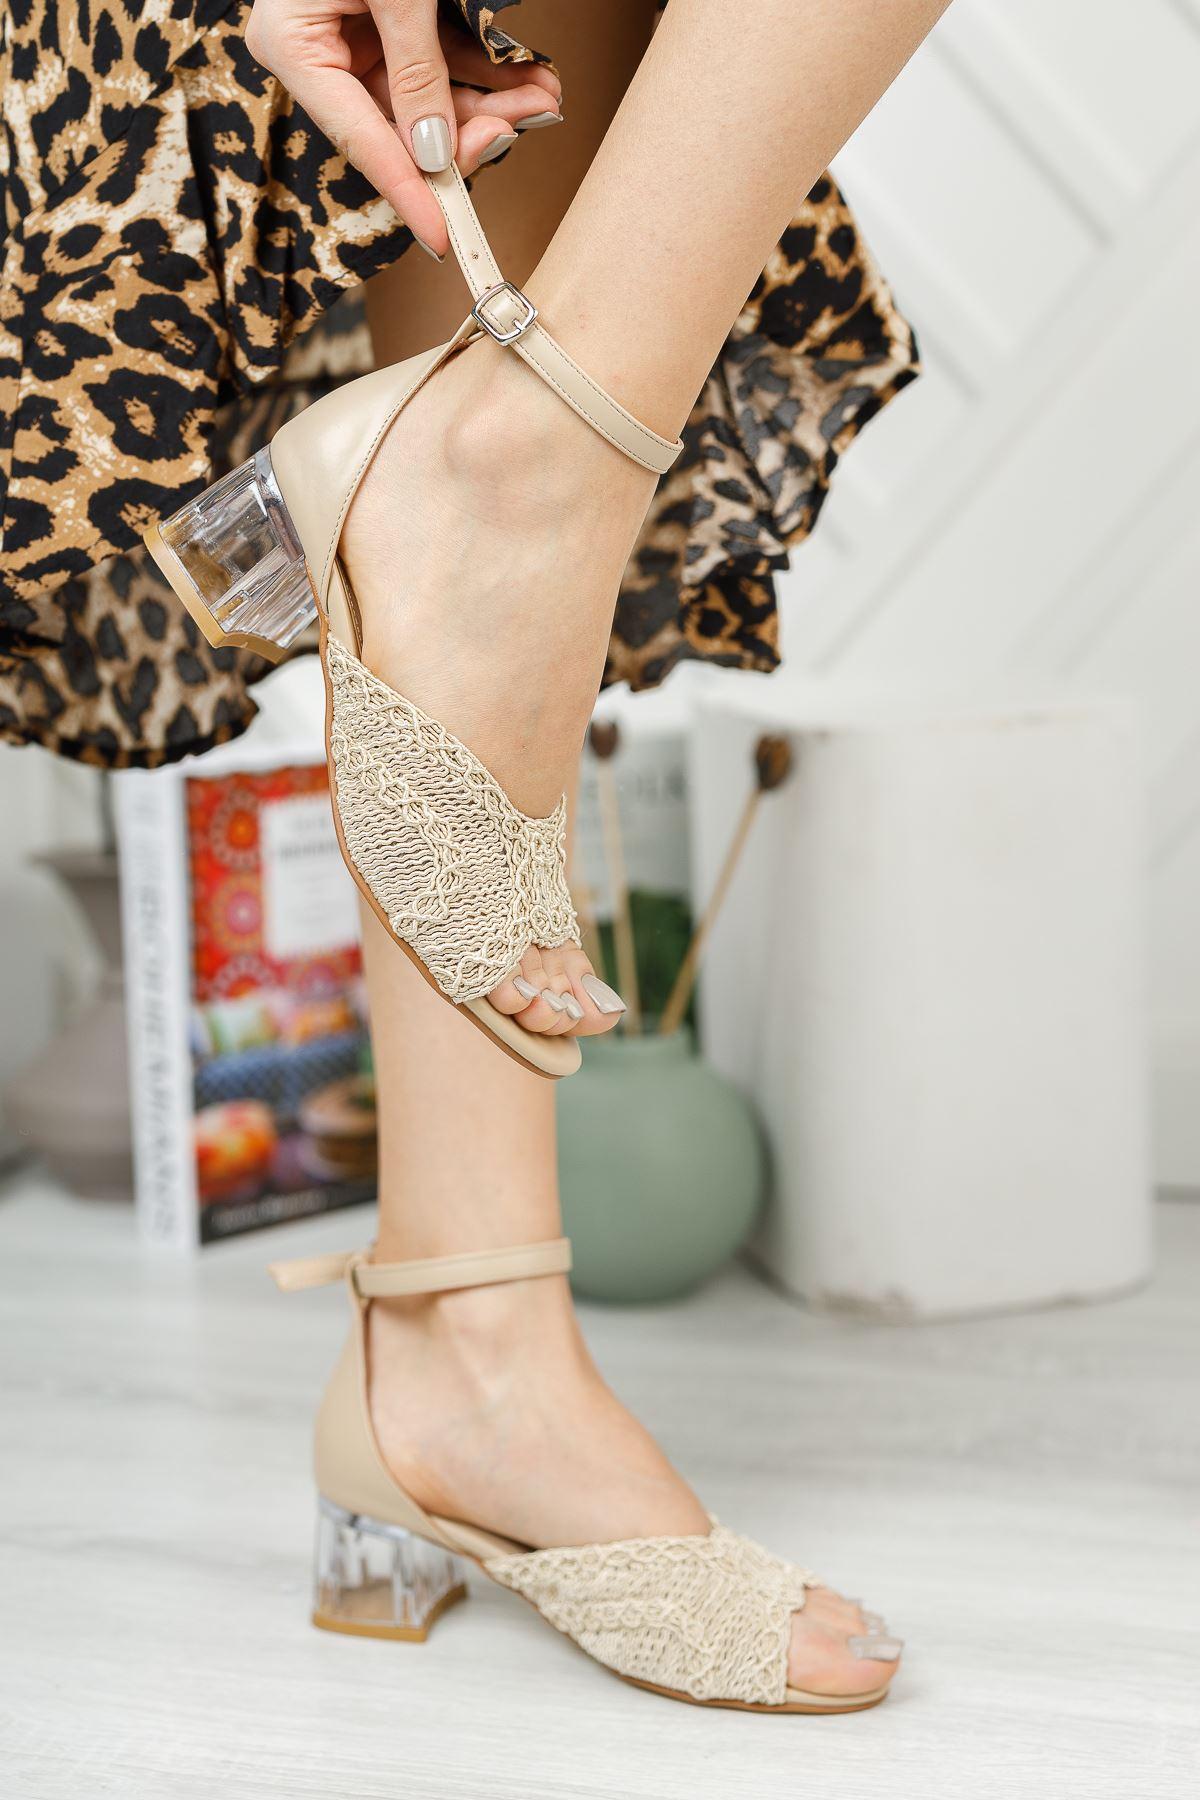 Bej Örgü Detaylı Burnu Açık Kısa Topuklu Ayakkabı